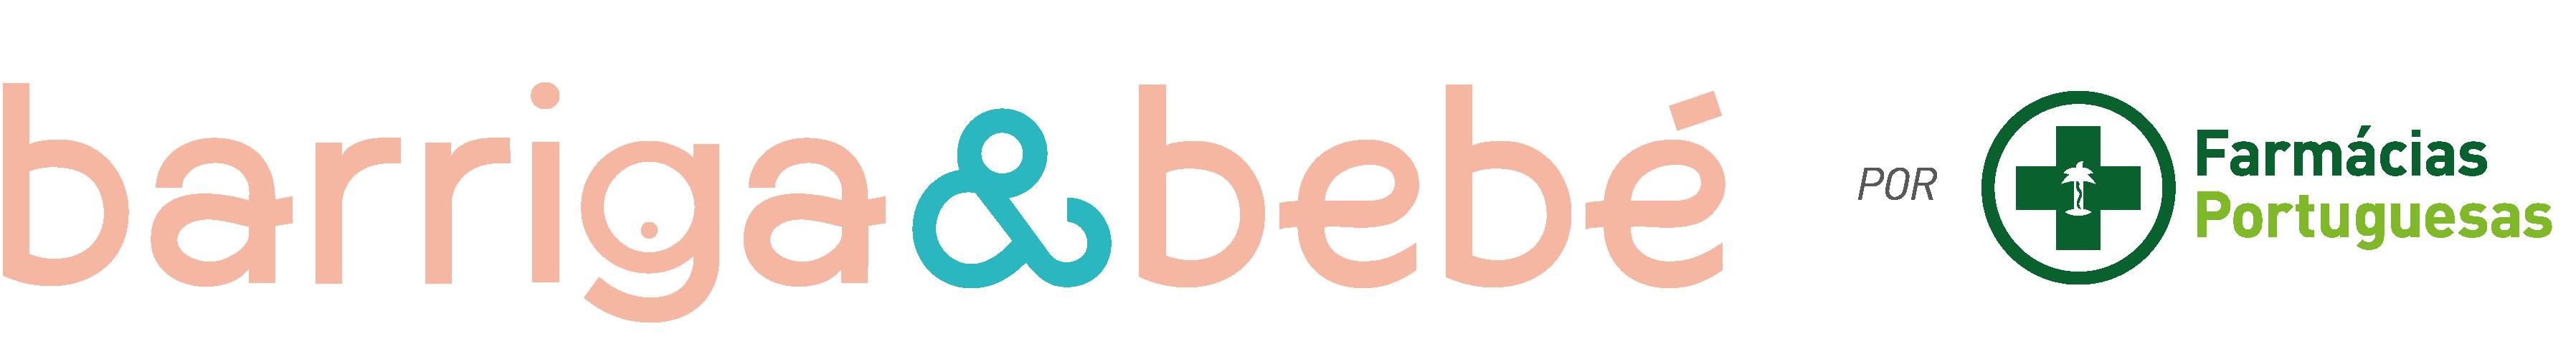 Logo site Barriga & bebé